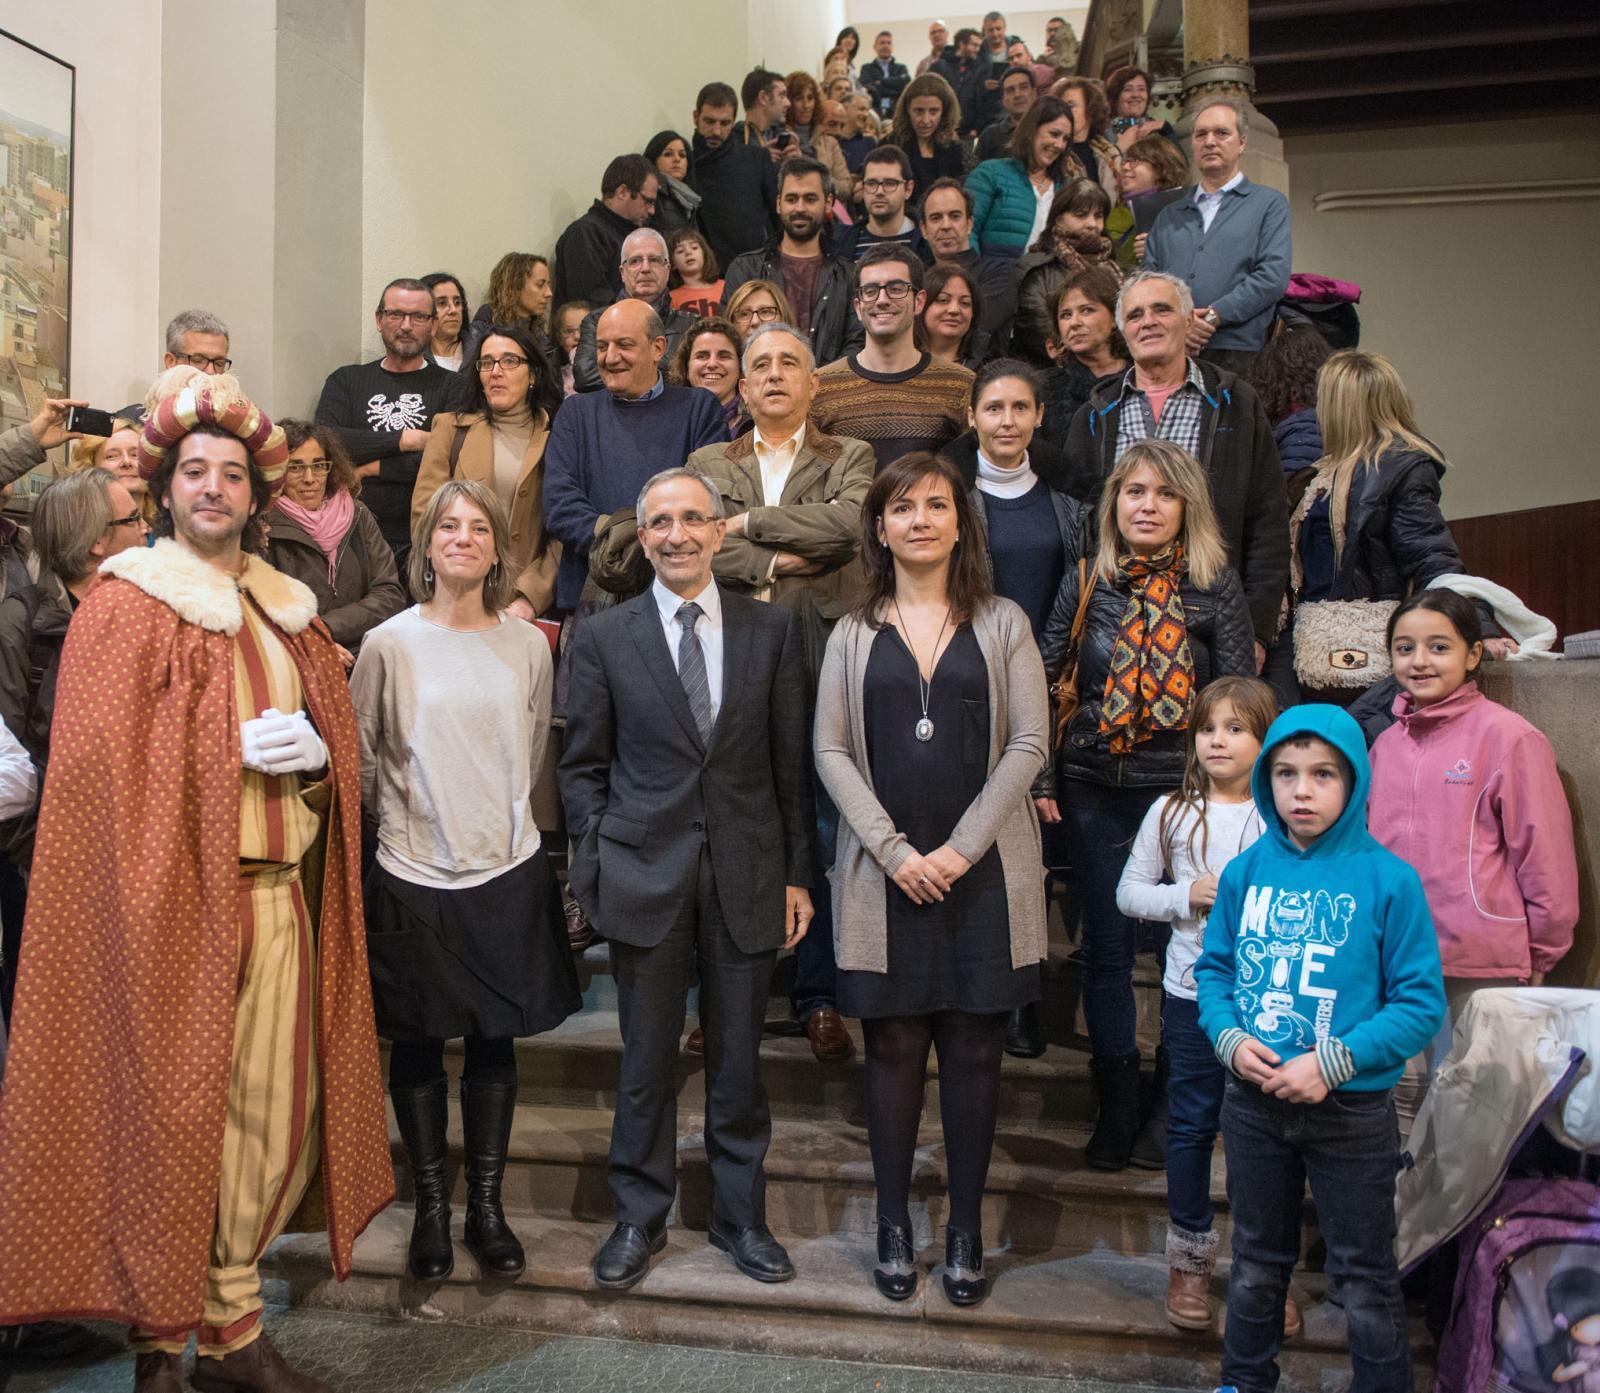 Representants municipals, d'entitats, assoc. de comerciants i patrocinadors, ahir a la presentació de la programació nadalenca, acompanyats del patge Gregori.